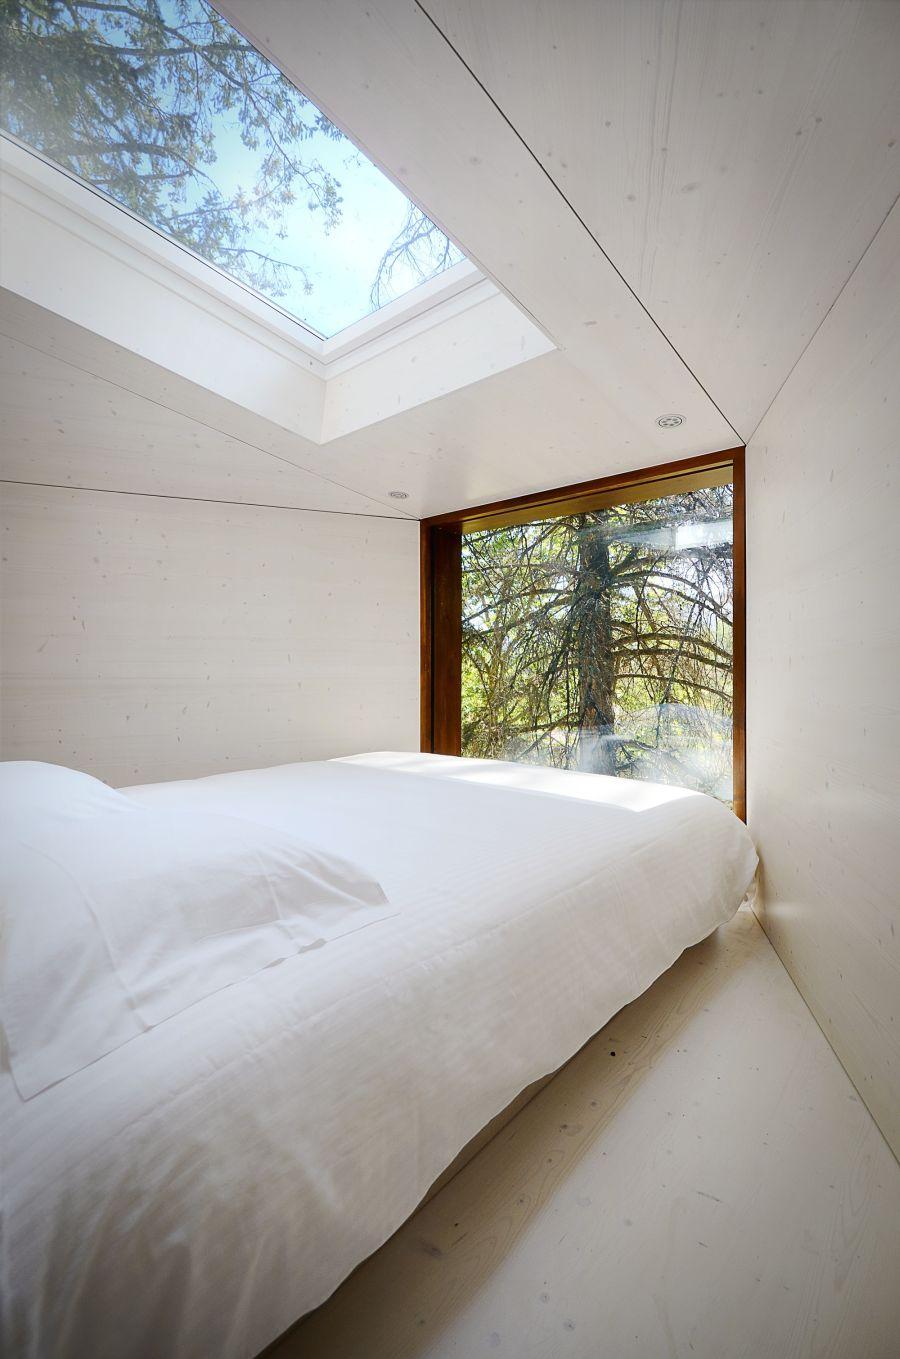 Bedroom inside the tree house at  Pedras Salgadas Park